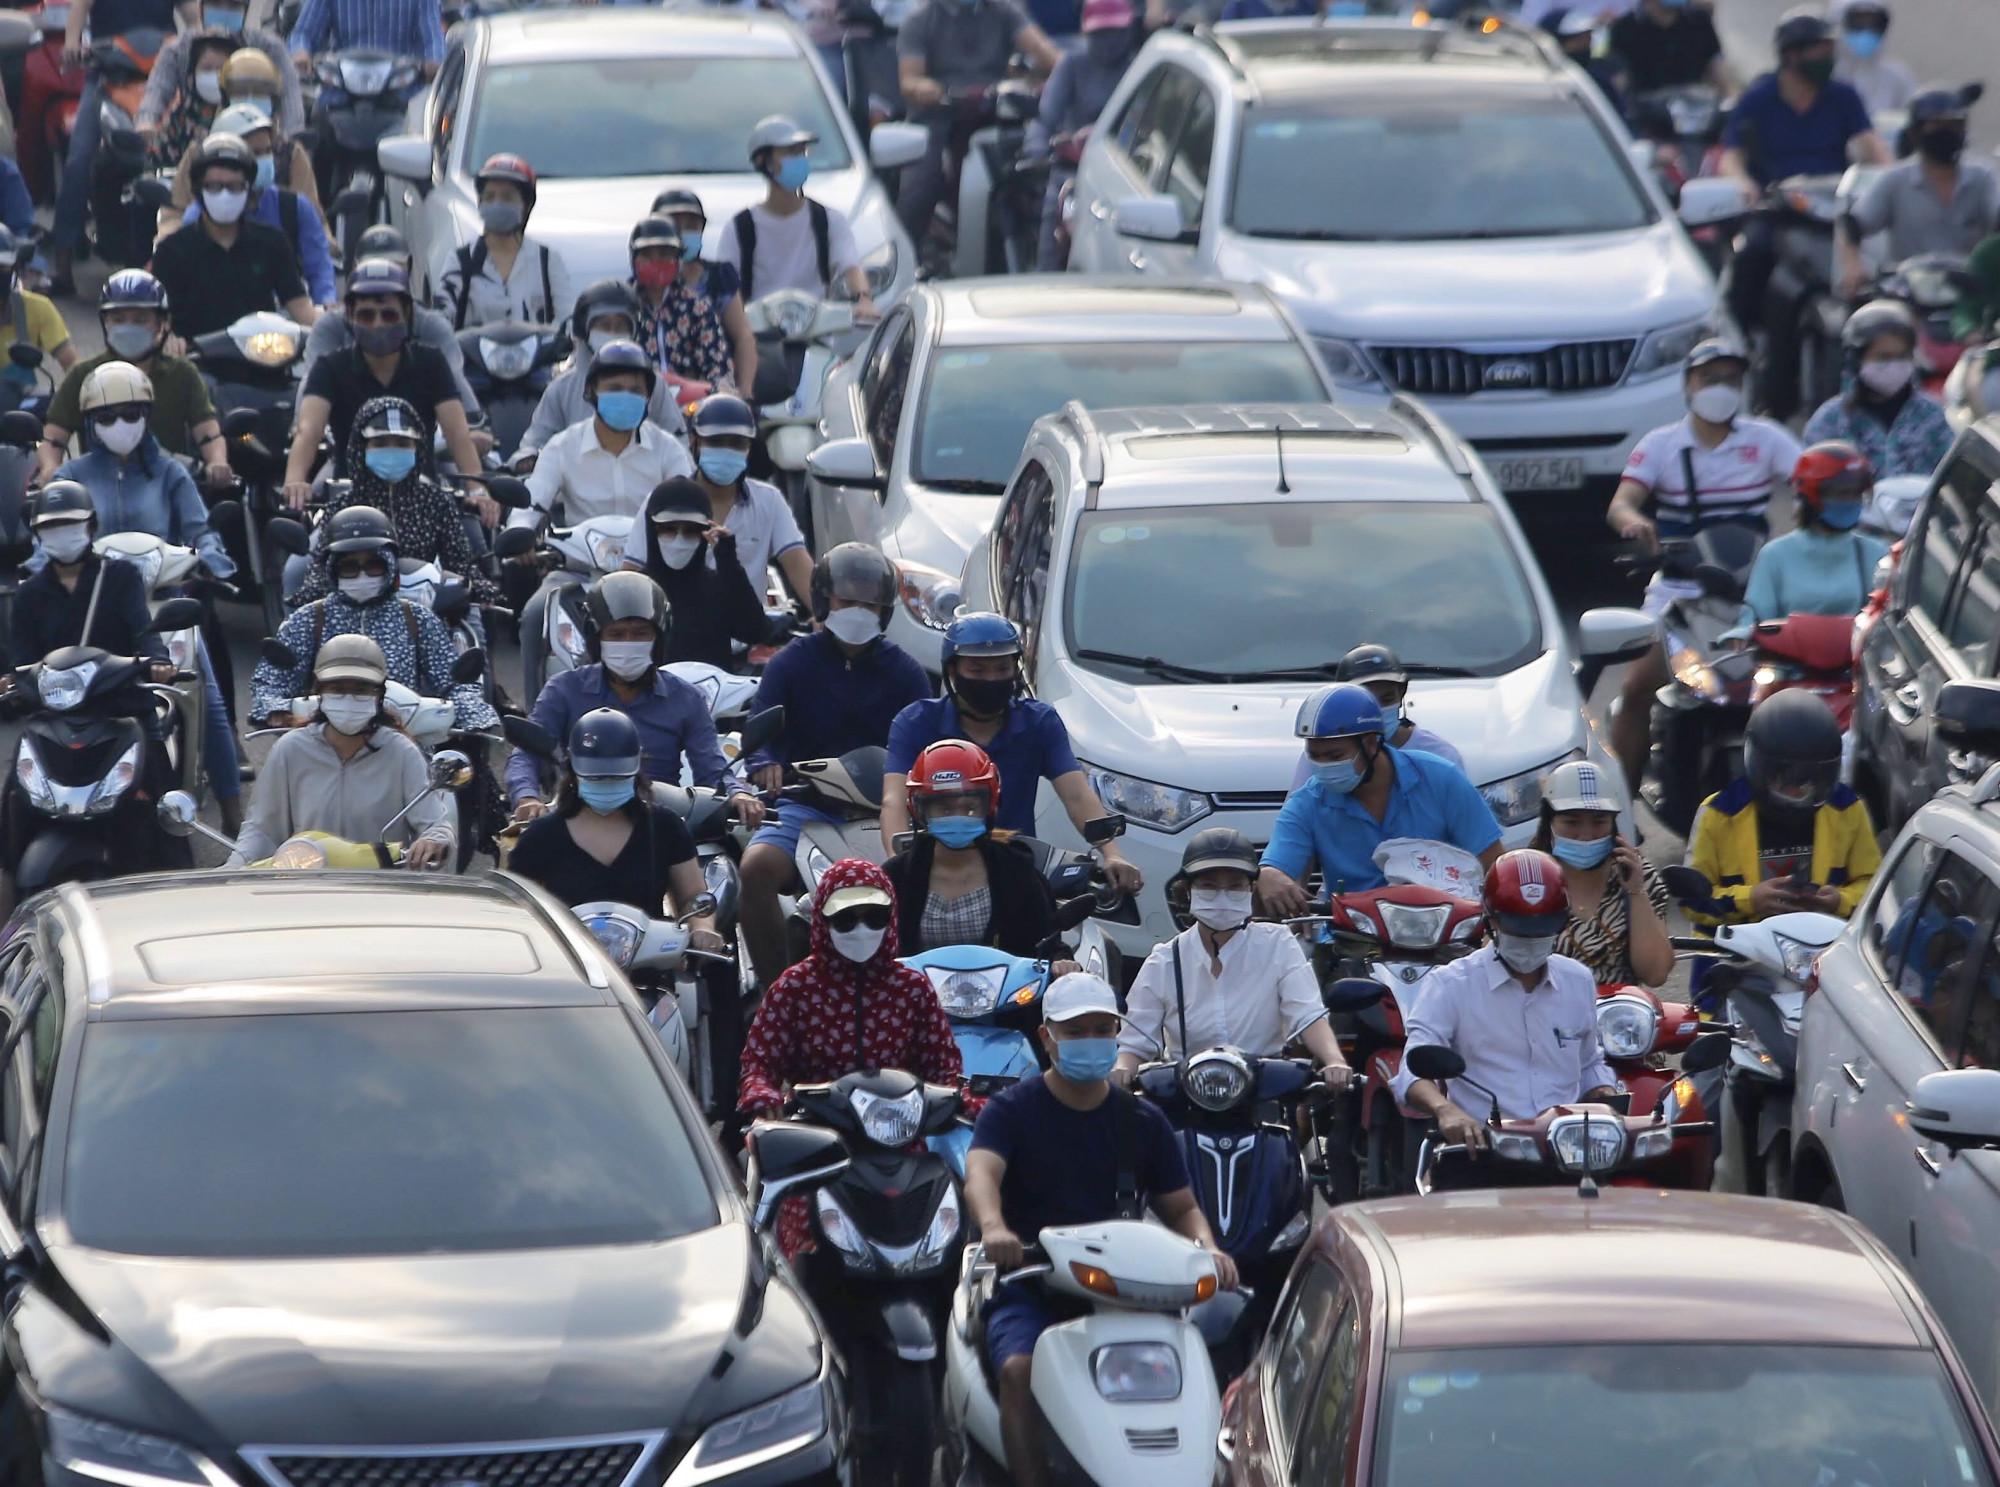 'Điền vào chỗ trống' - hình thức tham gia giao thông khá phổ biển của Hà Nội vào giờ cao điểm.